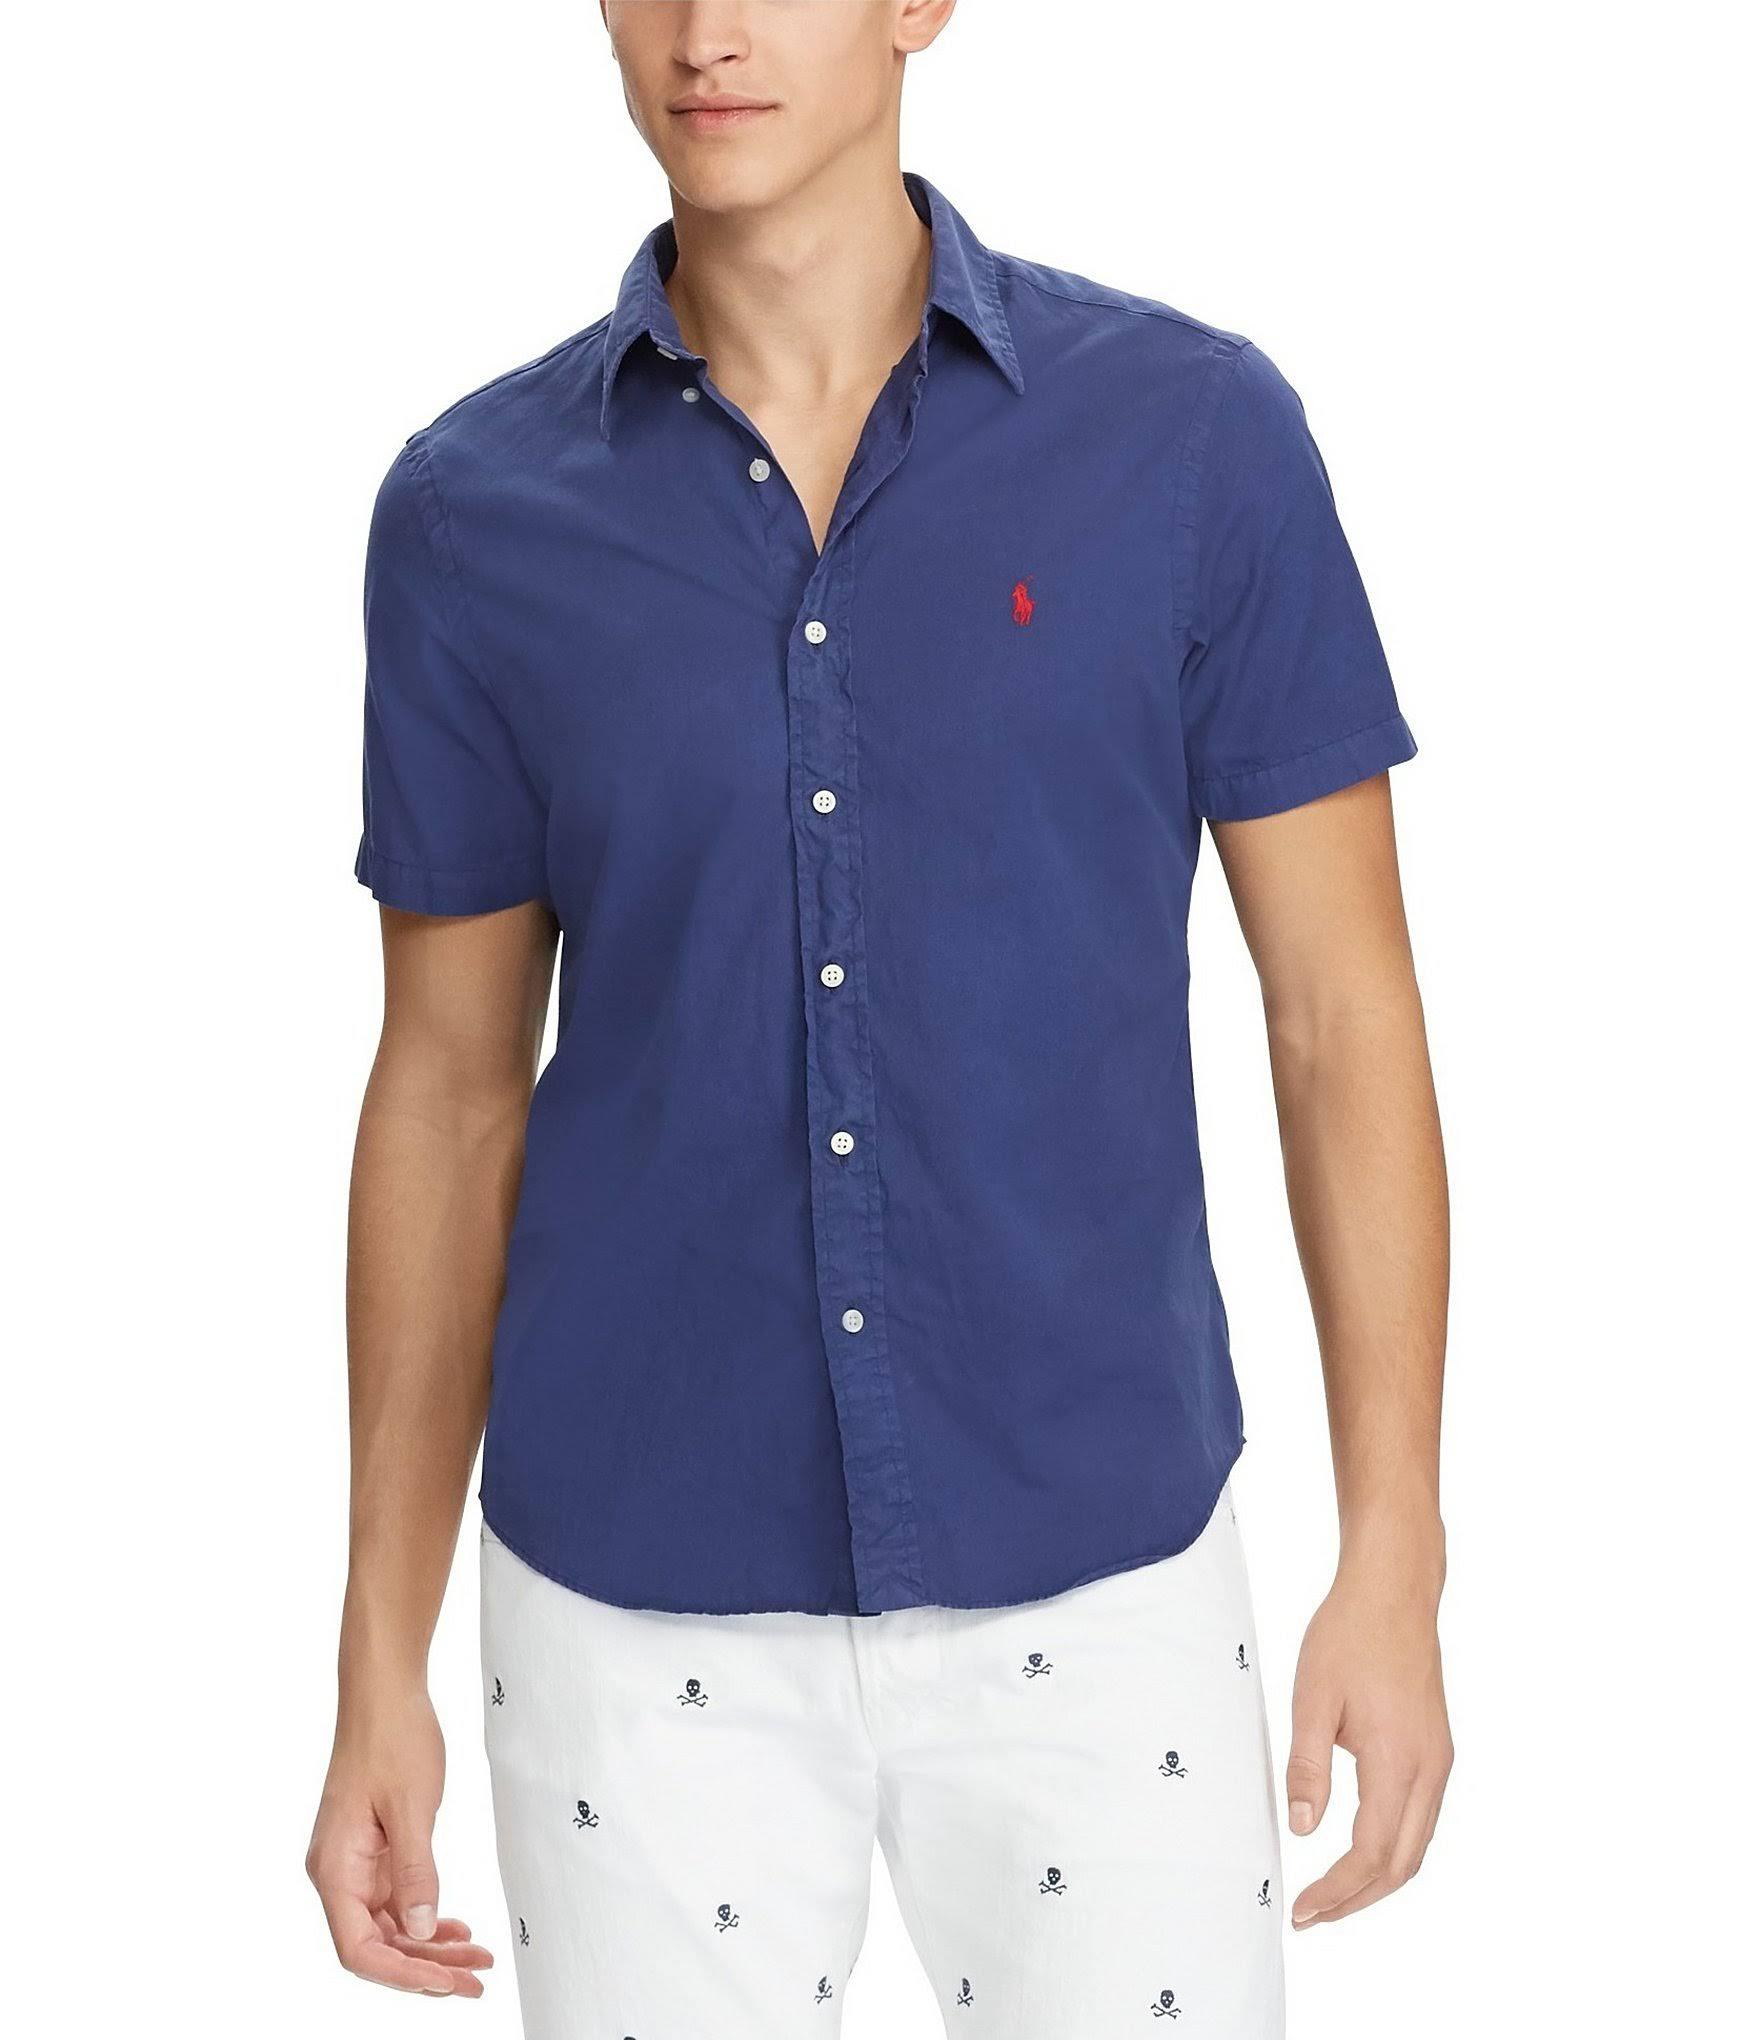 Lauren Twill Polo Blue New Klassisches Navy hemd Ralph Für Xl Herren OtOw5rqx